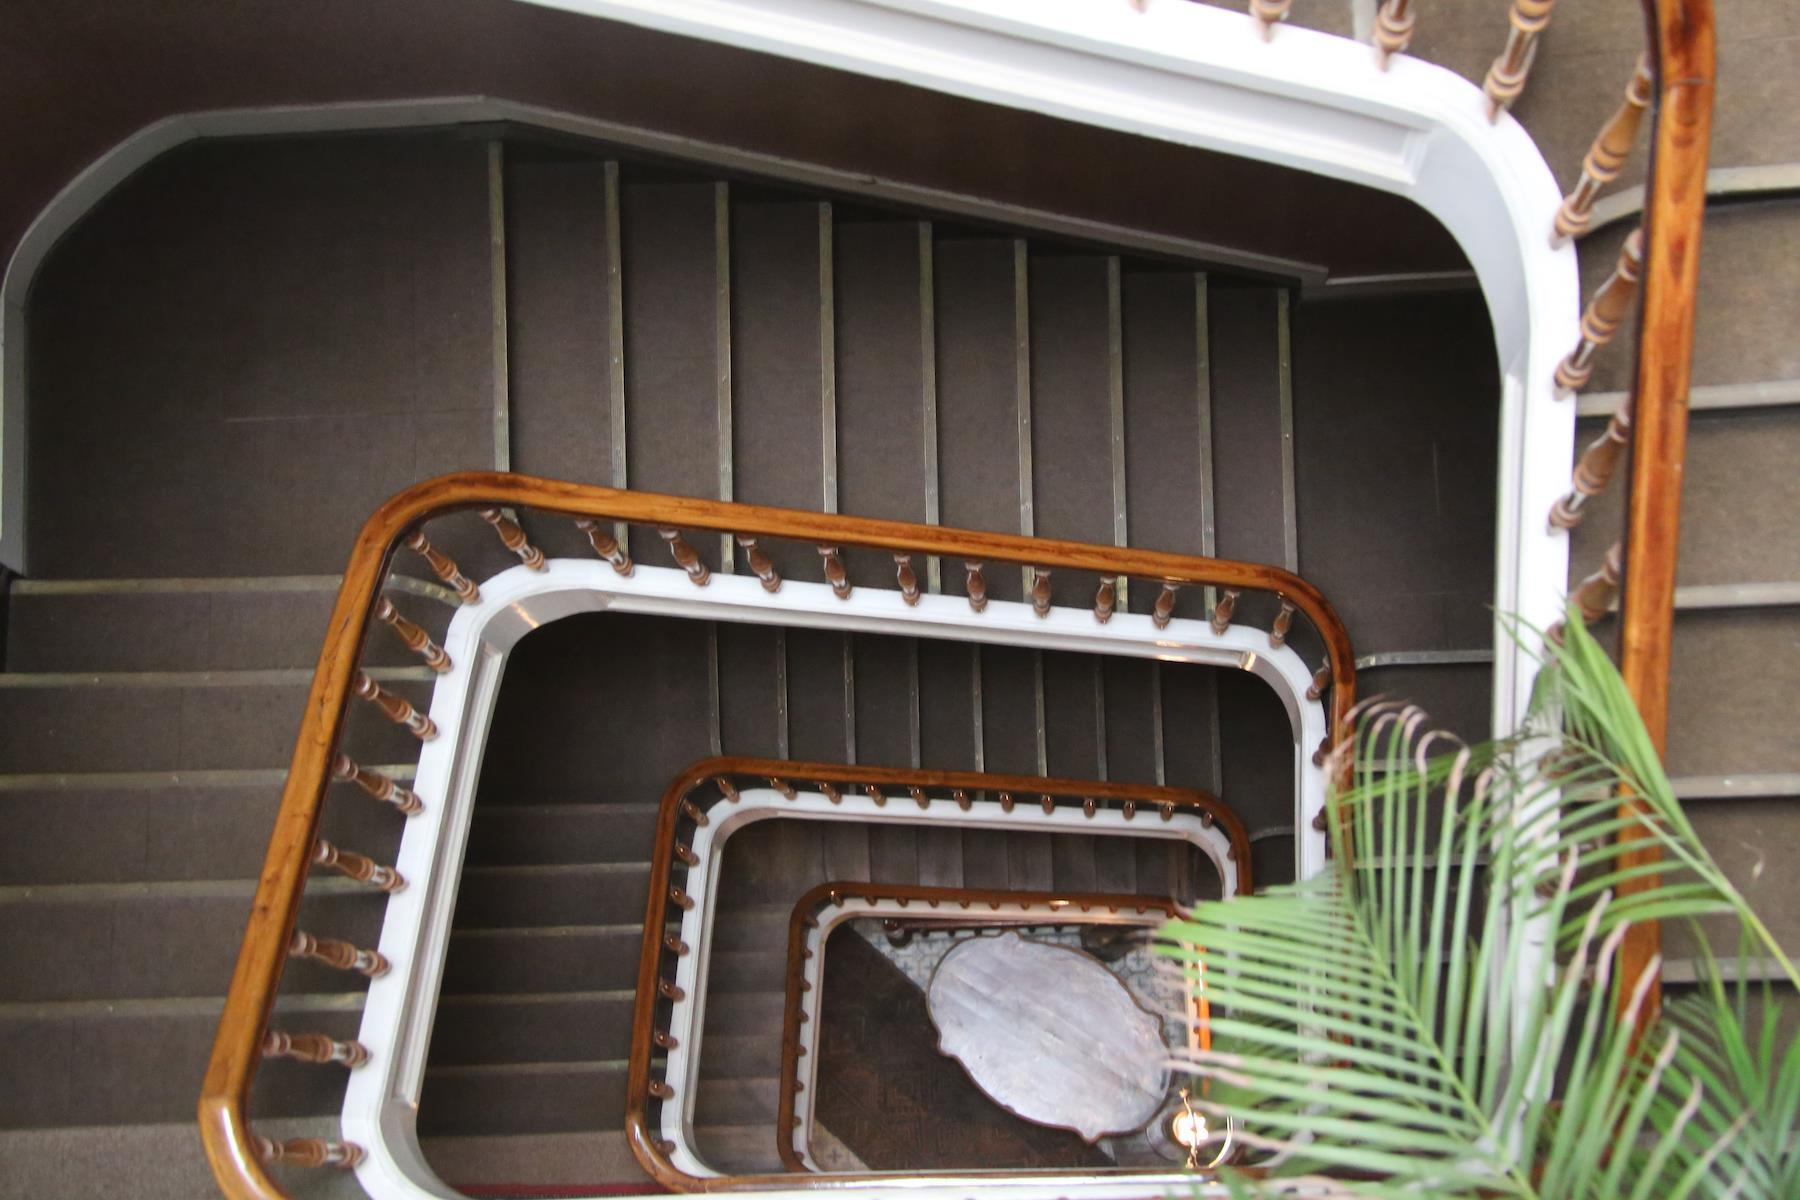 Makelaarskantoor De Meester, Huis Huis te 2000 Antwerpen